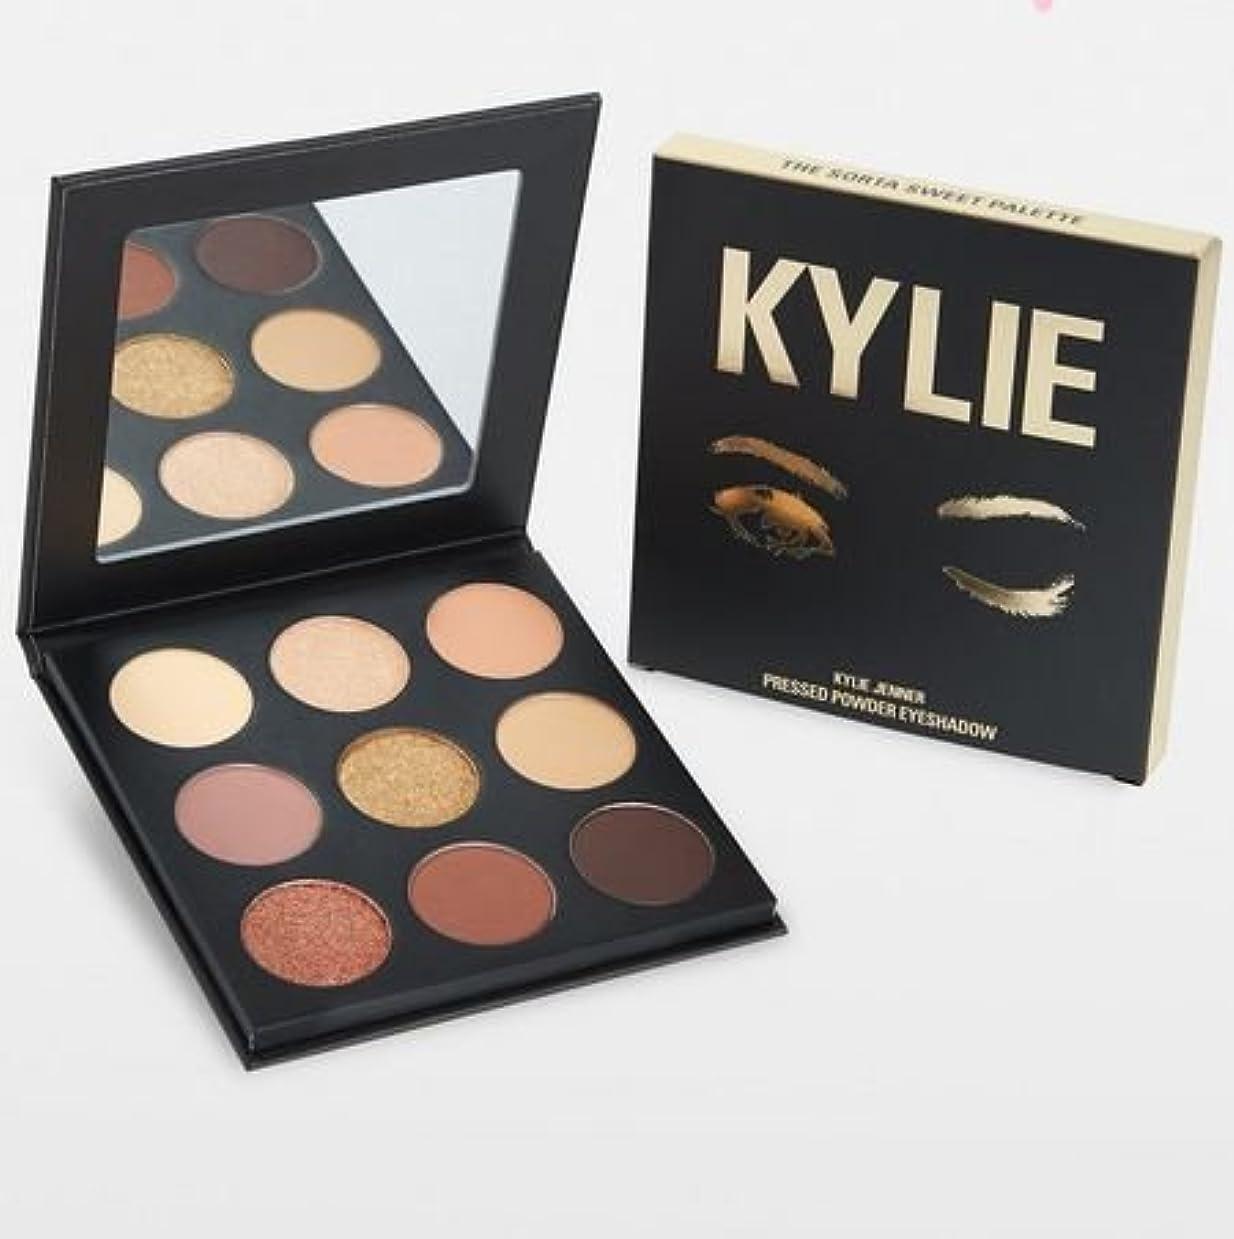 シングルハードウェア素子Kylie Cosmetics The Sorta Sweet Palette   Kyshadow カイリーコスメティックス